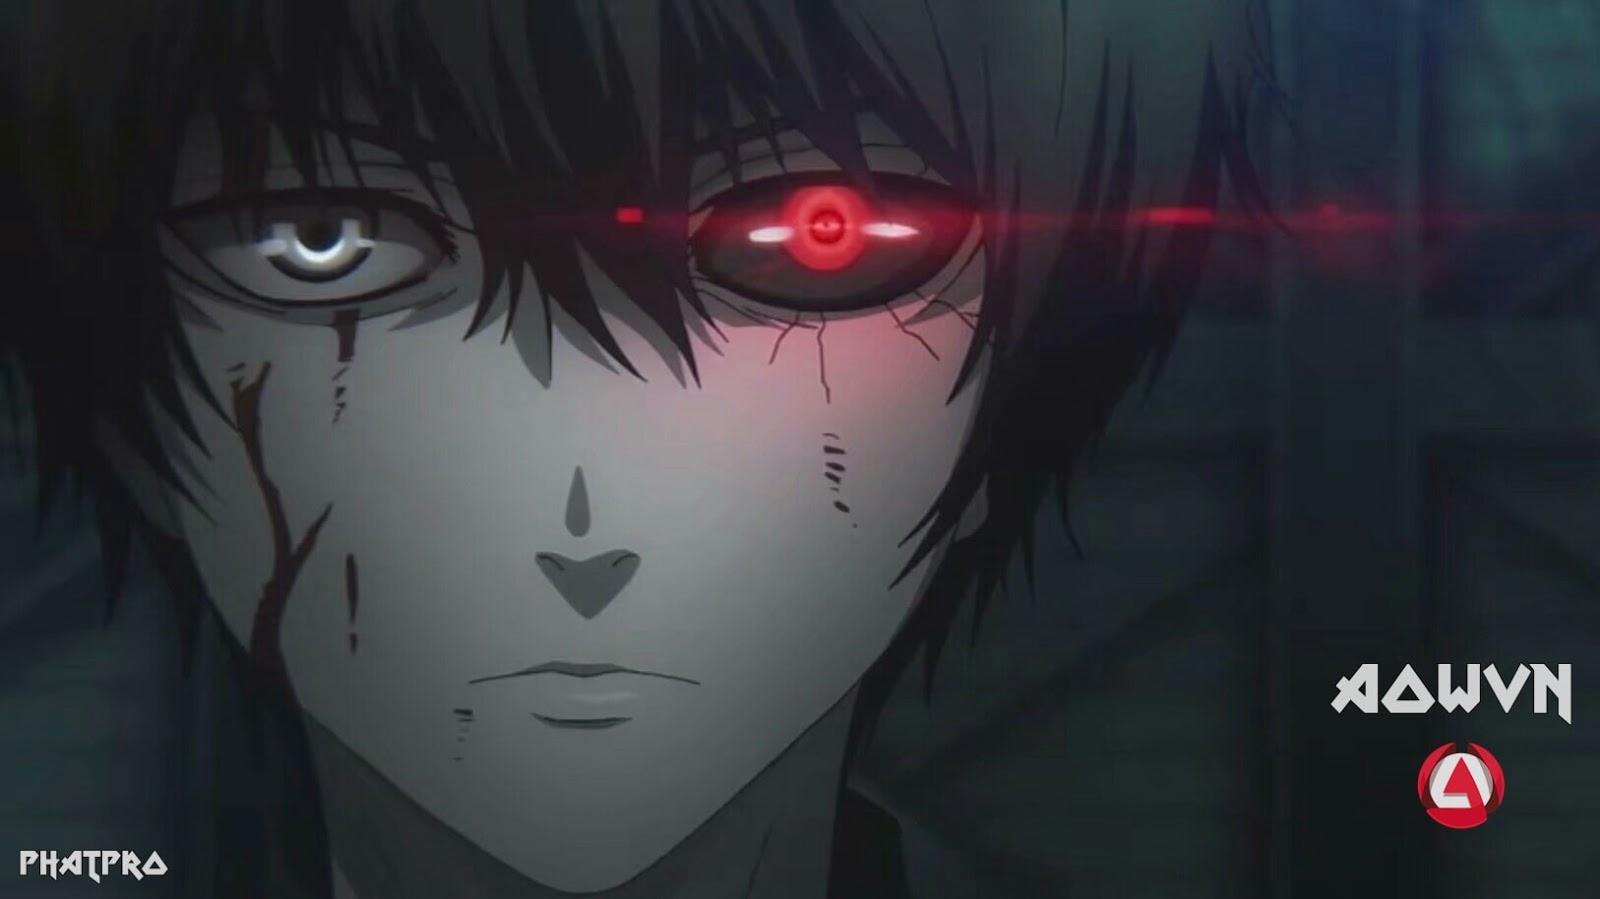 TG%2B %2BPhatpro%2B%25282%2529 min - [ Anime 3gp Mp4 ] Tokyo Ghoul: Re SS4 | Vietsub - Chặng Đường Cuối Cùng Của Tuyệt Phẩm - Siêu Hay